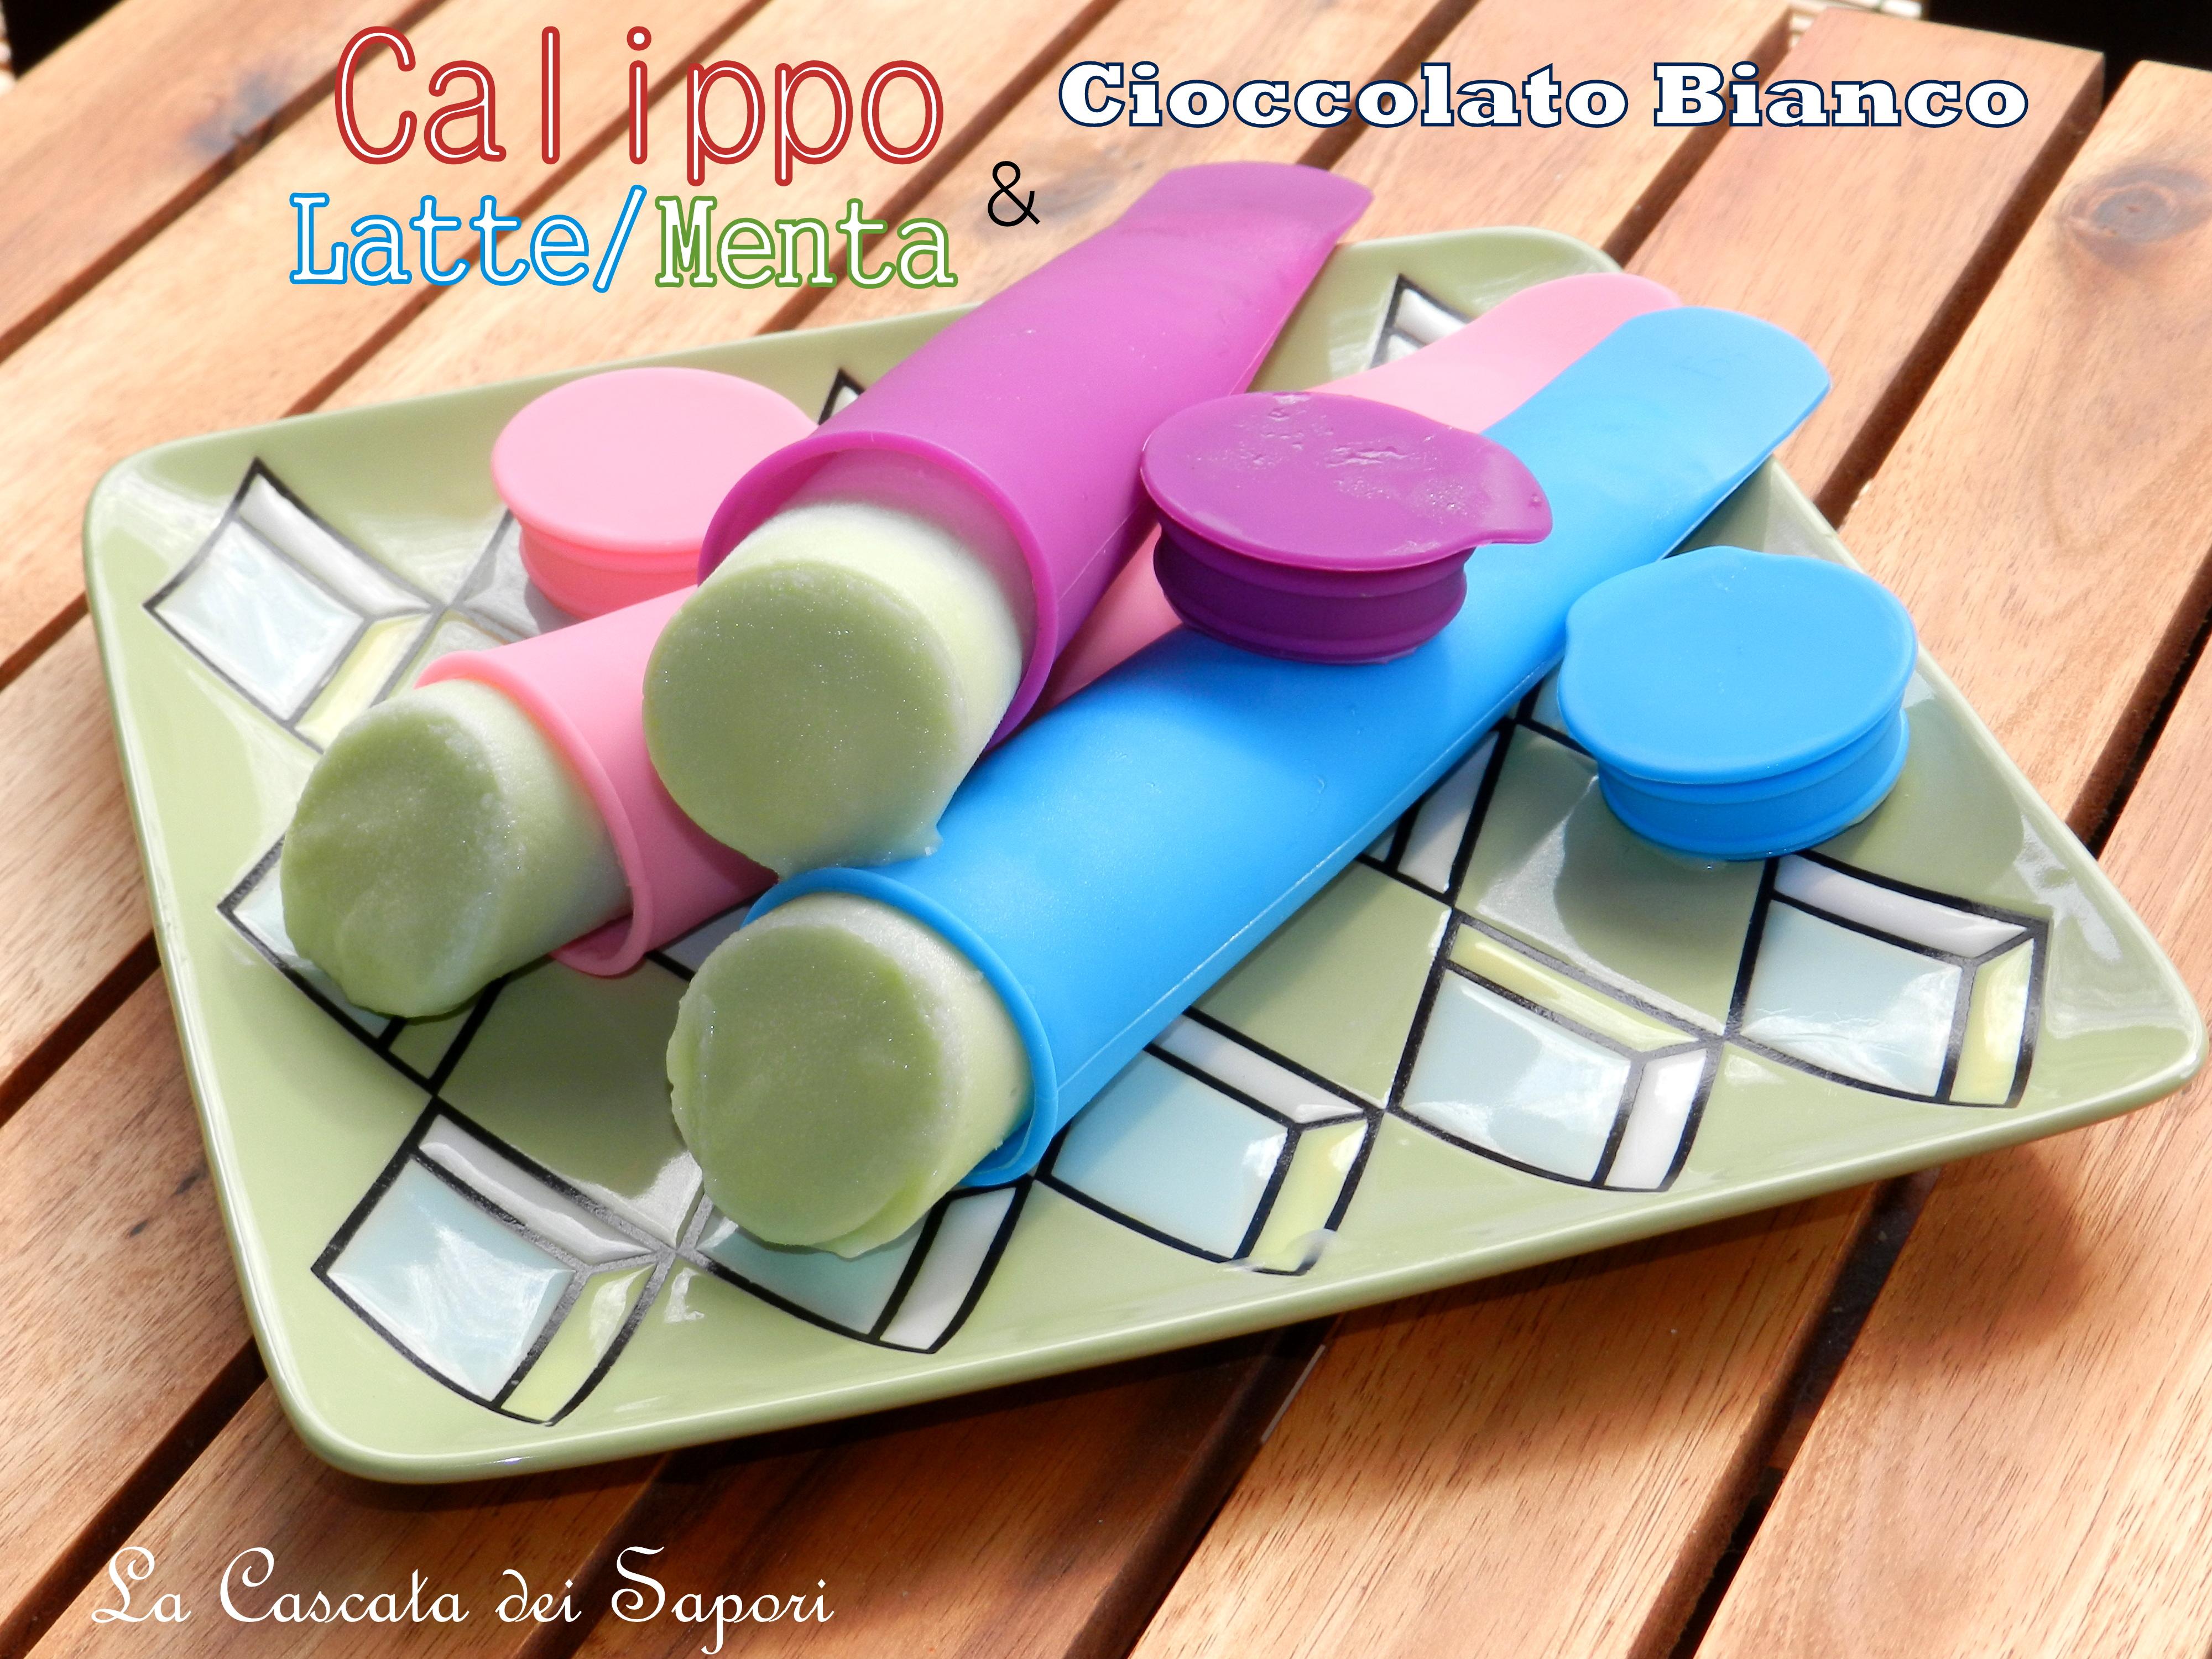 Calippo Latte/Menta & Cioccolato Bianco